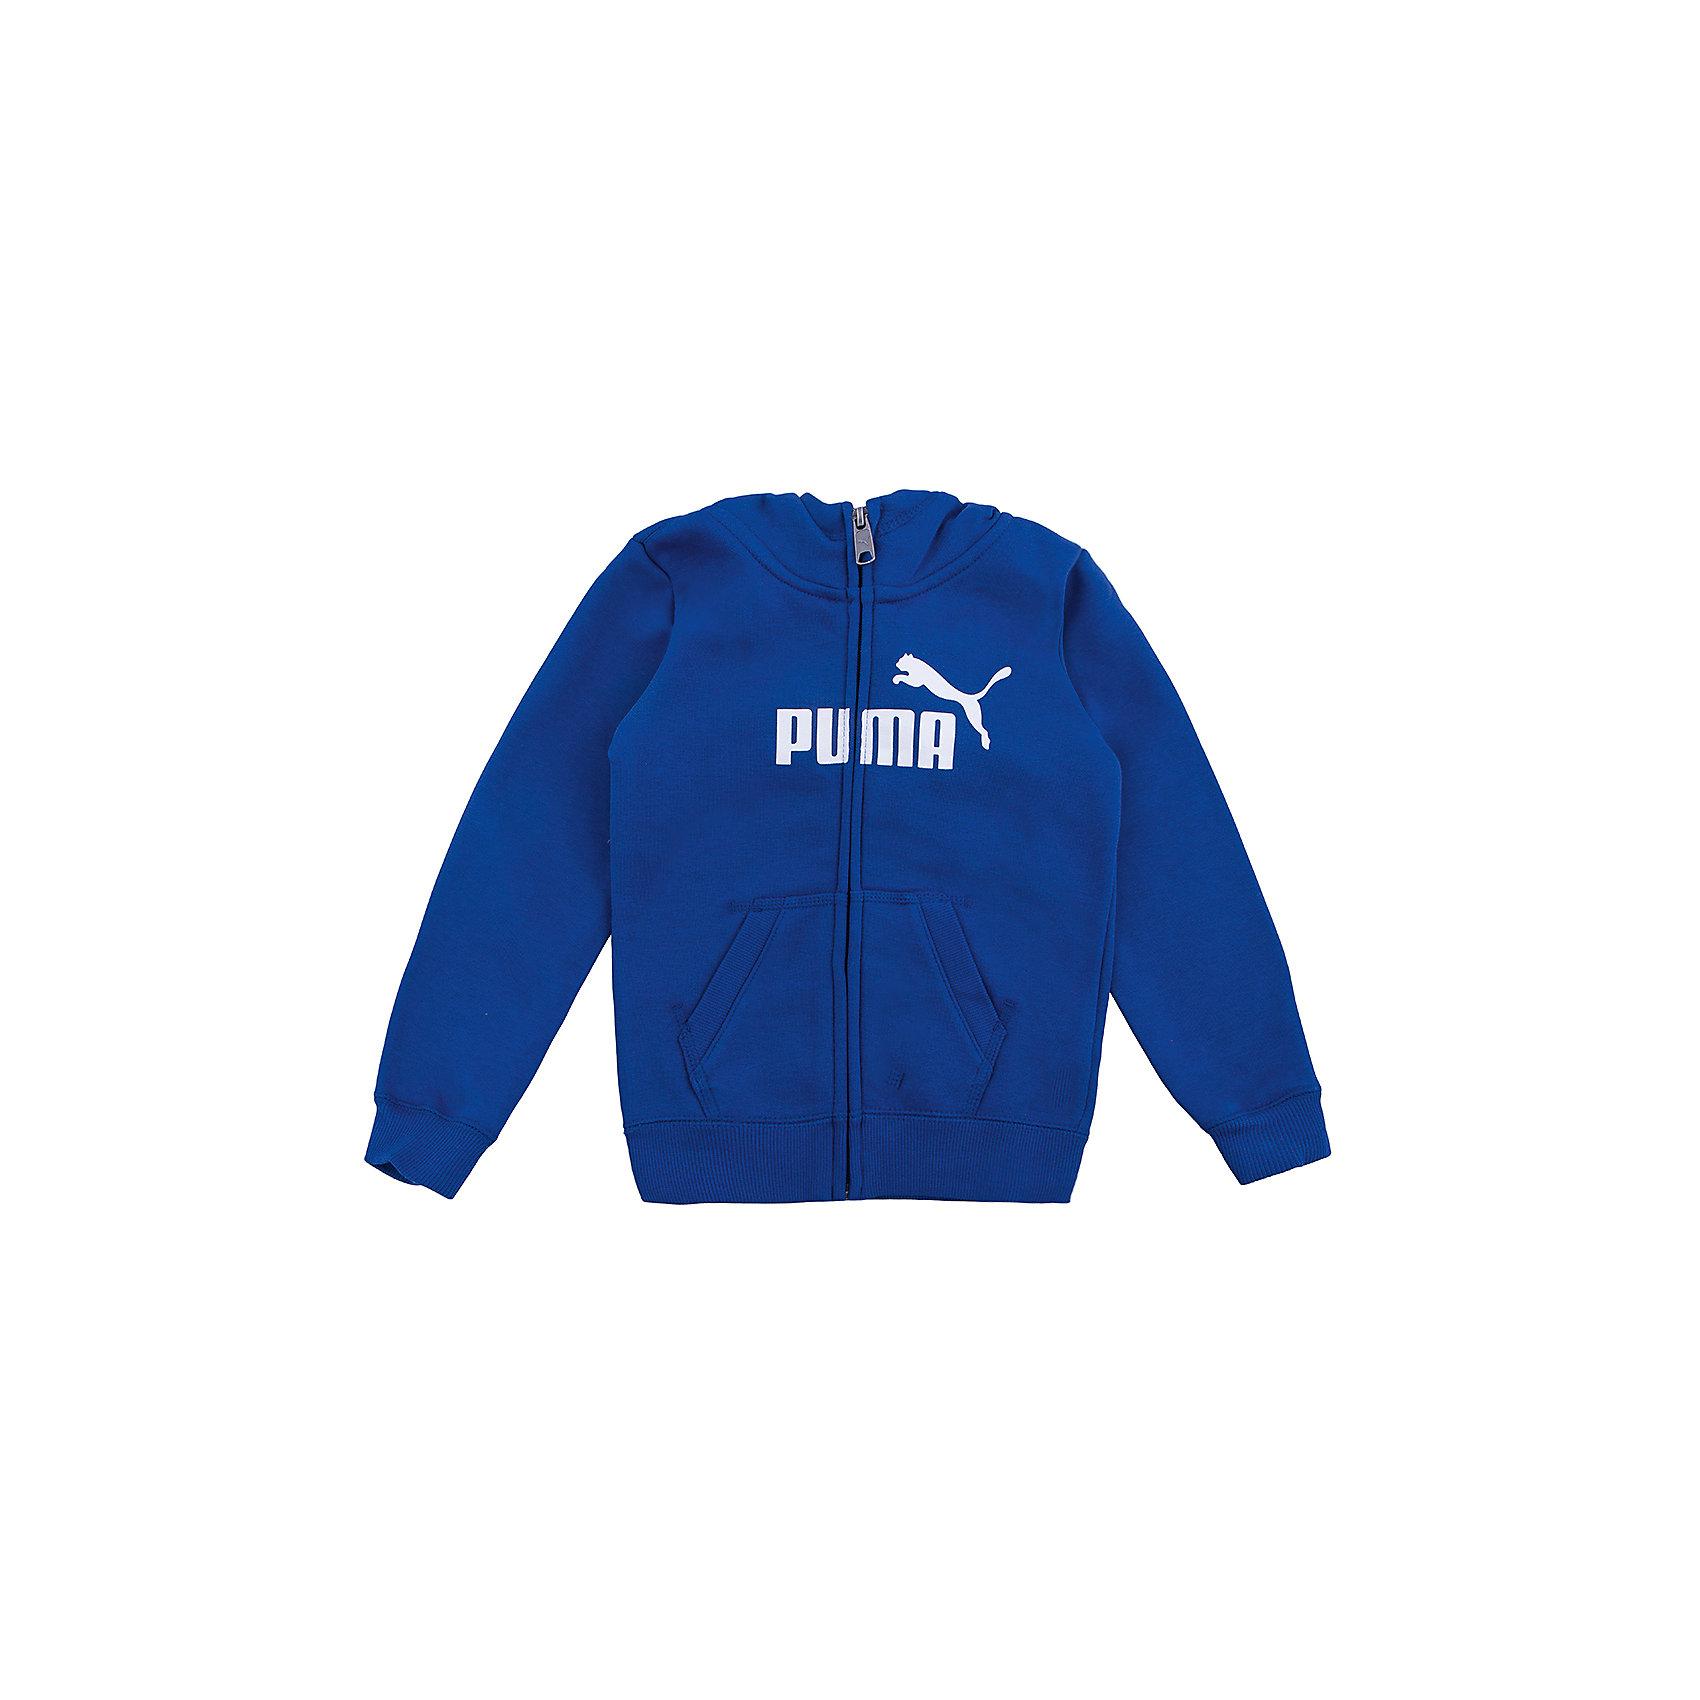 Толстовка для мальчика ESS Hooded Sweat Jacket PUMAТолстовка для мальчика ESS Hooded Sweat Jacket от известной марки PUMA - прекрасный вариант для активного отдыха. Модель на молнии имеет объемный капюшон, два накладных кармана, манжеты на рукавах и резинку по низу. Толстовка выполнена из высококачественных материалов, хорошо сидит на фигуре, декорирована принтом с логотипом бренда.  <br><br>Дополнительная информация:<br><br>- Цвет: синий.<br>- Капюшон.<br>- Покрой: прямой.<br>- Манжеты на рукавах, резинка по низу.<br>- Тип карманов: накладные.<br>- Тип застежки: молния.<br>- Декоративные элементы: принт.<br>Параметры для размера: 140<br>- Длина рукава: 51 см.<br><br>Состав:<br>70% хлопок, 30% полиэстер<br><br>Толстовку для мальчика ESS Hooded Sweat Jacket PUMA (Пума) можно купить в нашем магазине.<br><br>Ширина мм: 218<br>Глубина мм: 10<br>Высота мм: 190<br>Вес г: 284<br>Цвет: синий<br>Возраст от месяцев: 108<br>Возраст до месяцев: 120<br>Пол: Мужской<br>Возраст: Детский<br>Размер: 152,128,110,104,176,116,140,164<br>SKU: 4223477